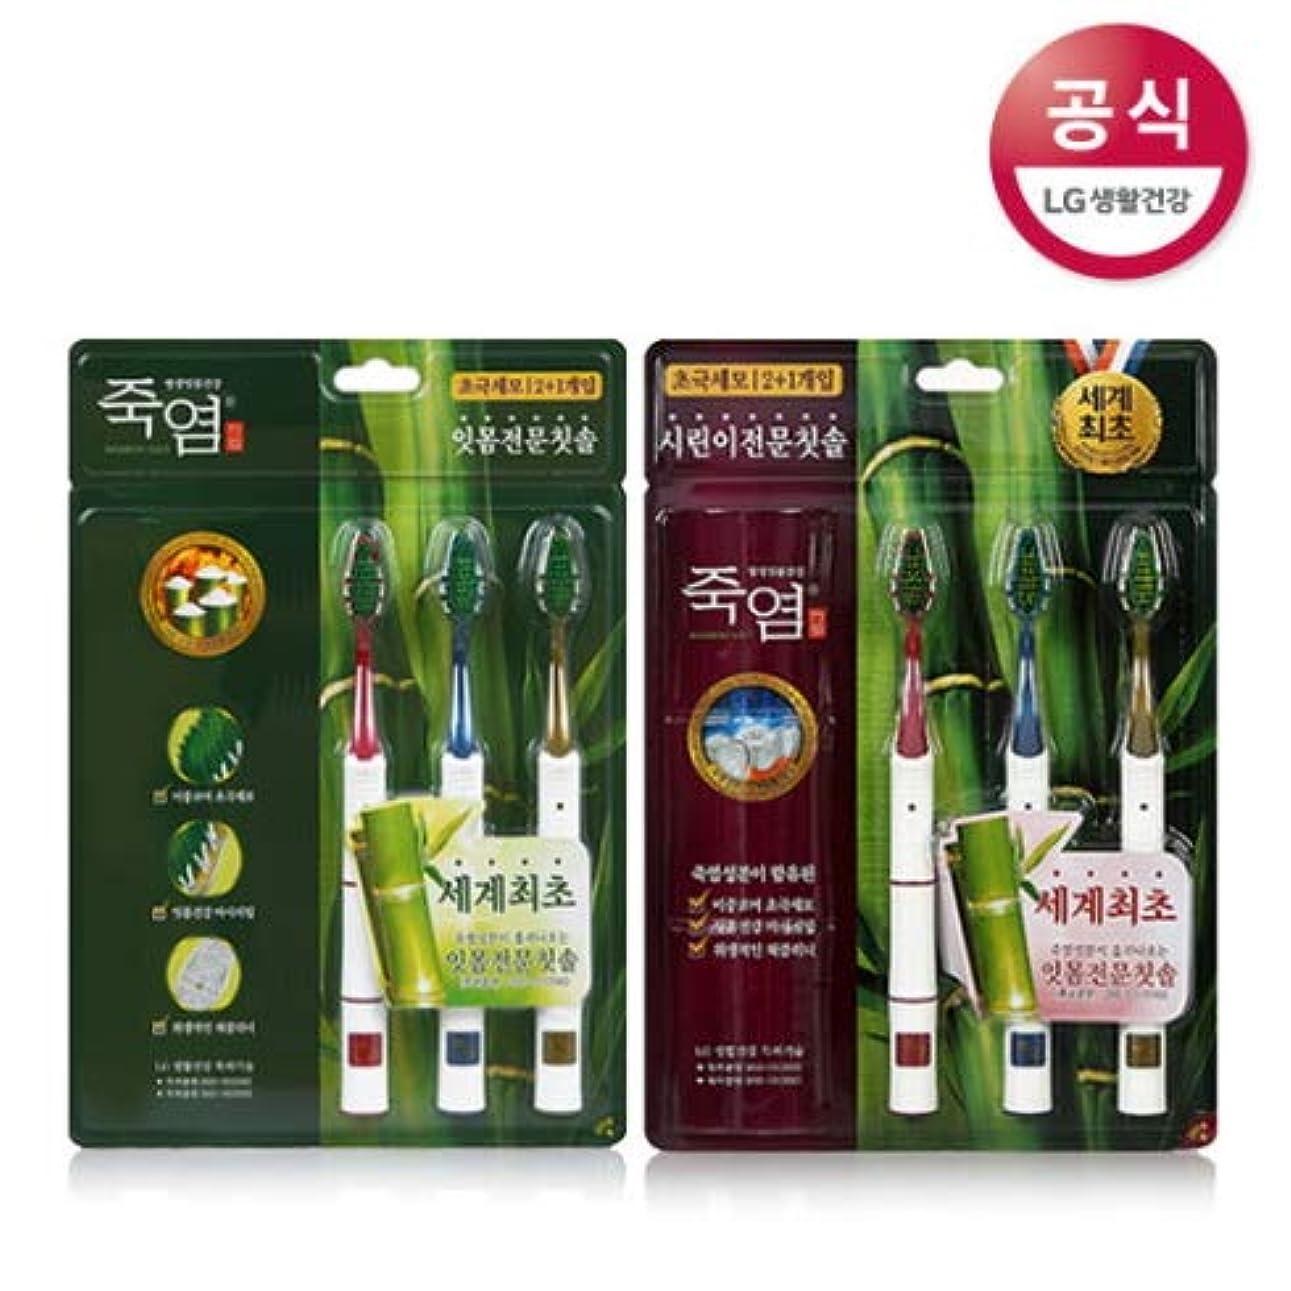 リズムグレーシェトランド諸島[LG HnB] Bamboo salt syringe/gum professional toothbrush/竹塩つぶれが/歯茎専門の歯ブラシ 3口x2個(海外直送品)